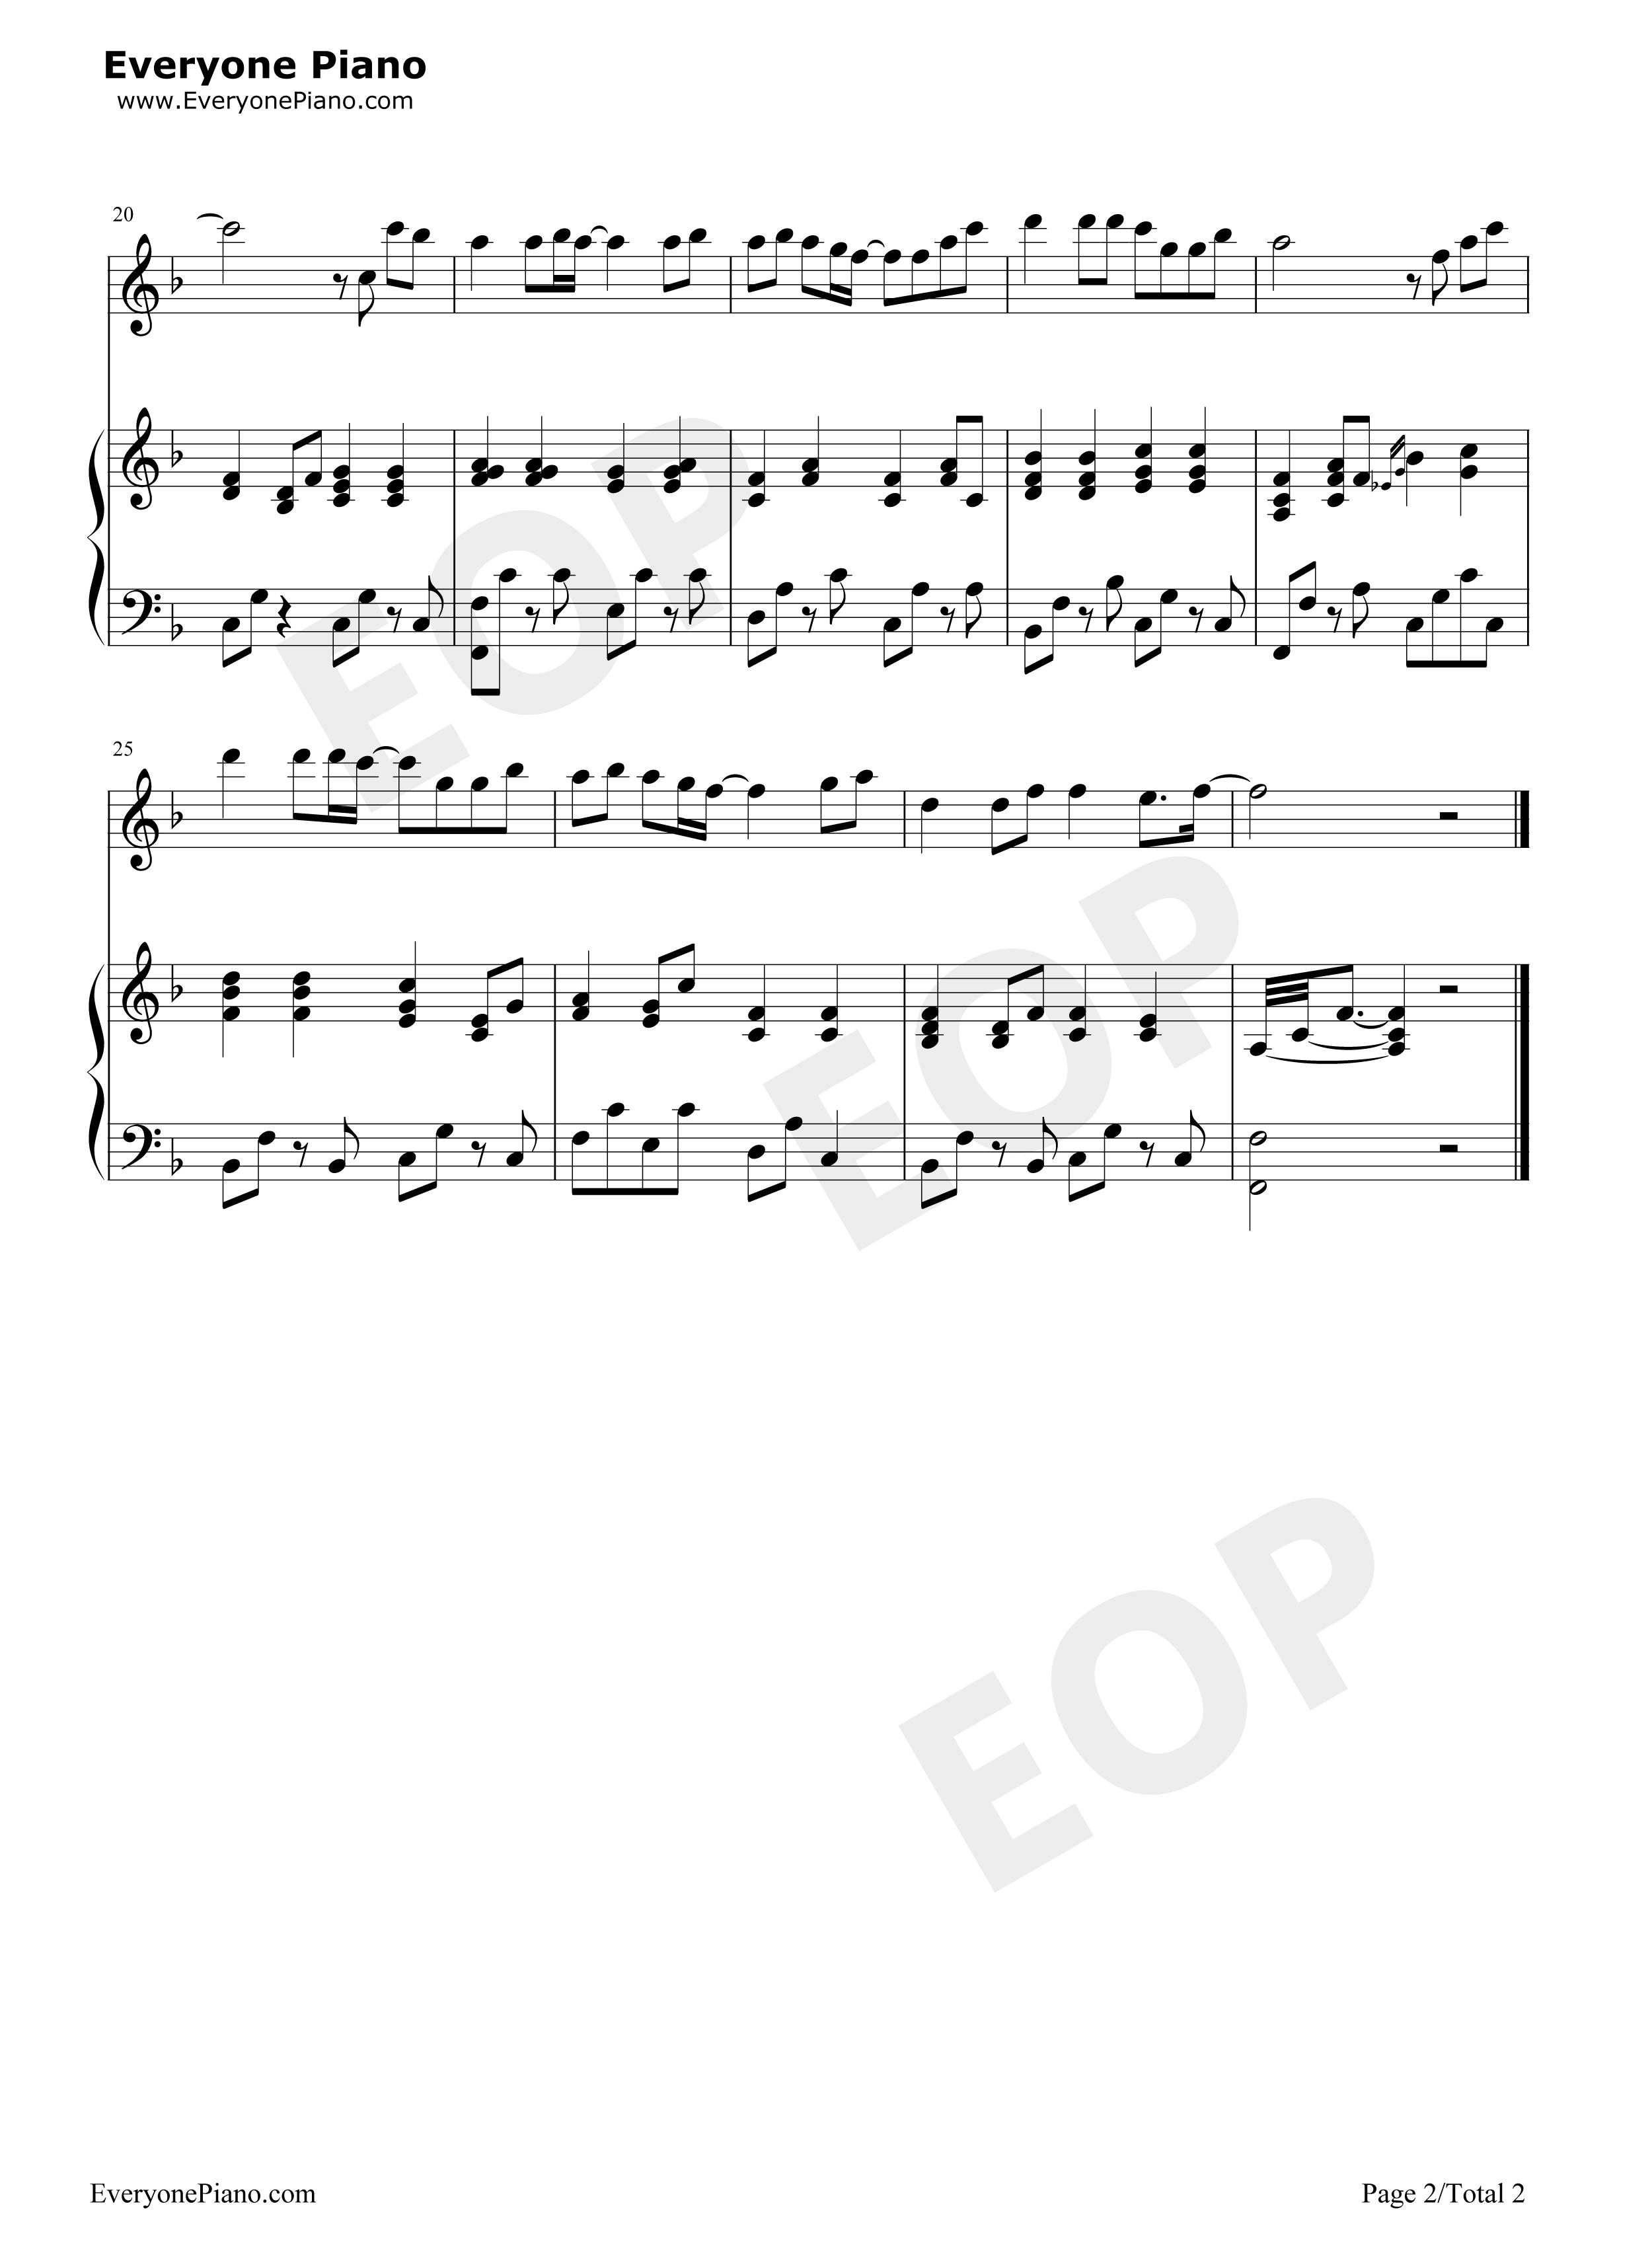 钢琴曲谱 流行 童话弹唱版伴奏-eop教学曲-光良 童话弹唱版伴奏-eop教